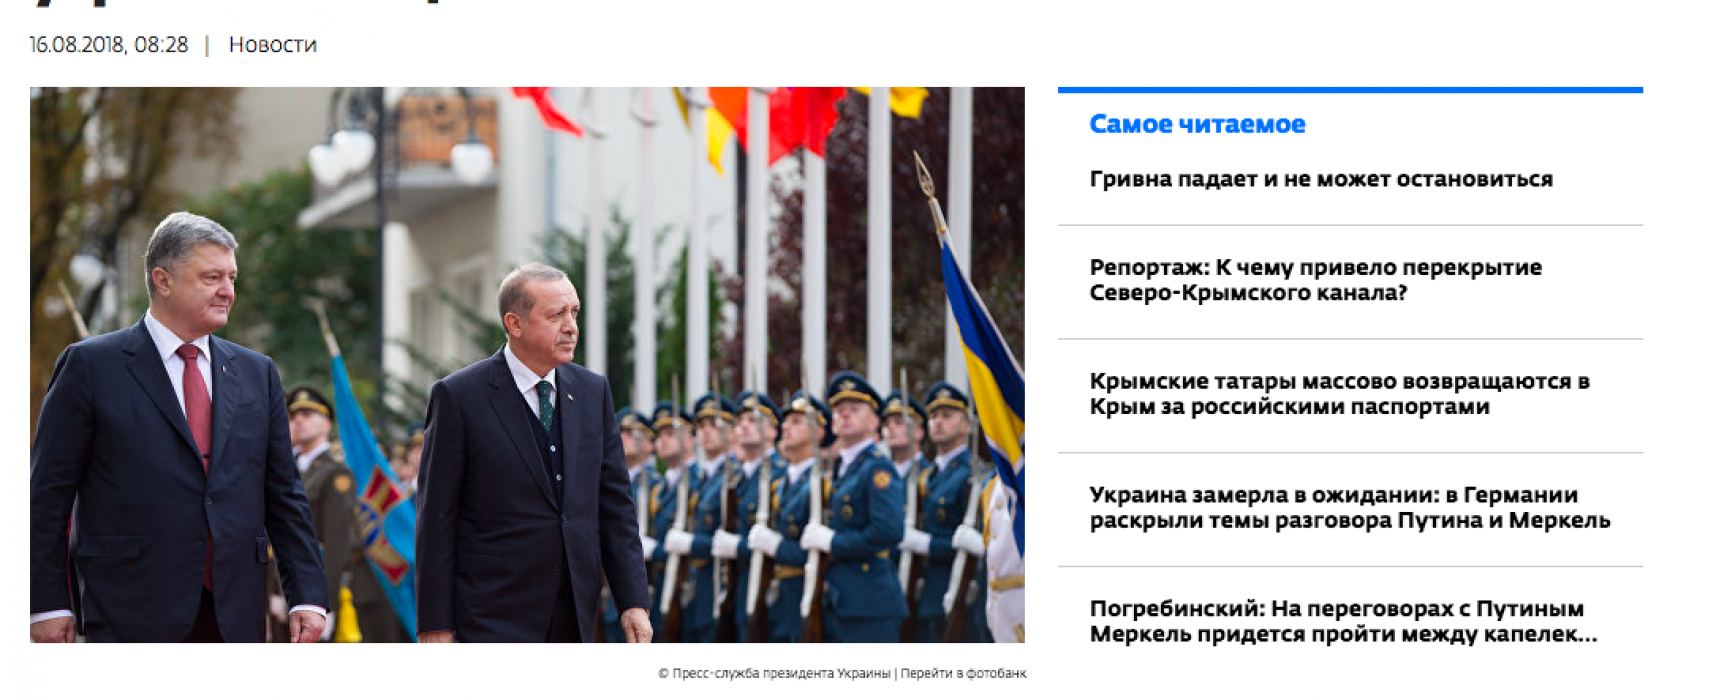 Fake: Turecká krize, MMF a Národní banka Ukrajiny devalvovaly hřivnu